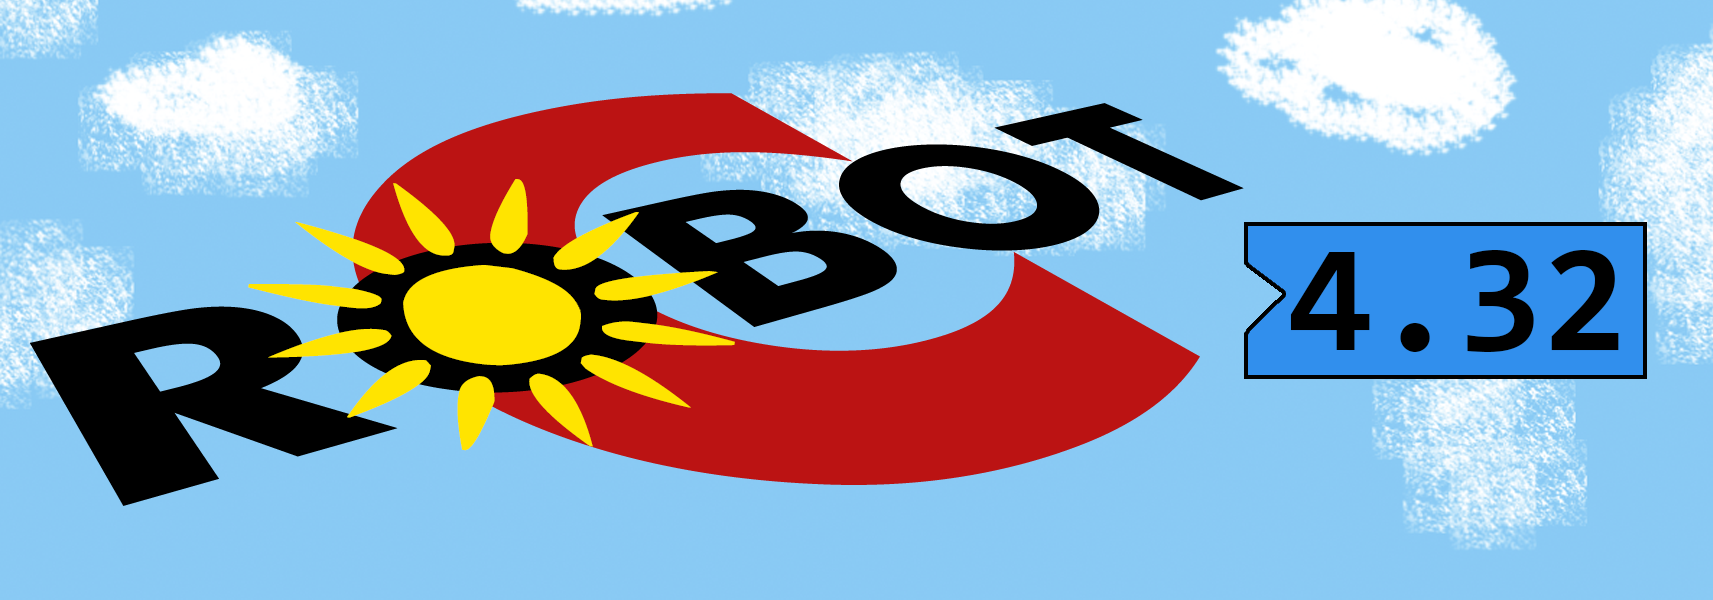 ROBOTC 4-32